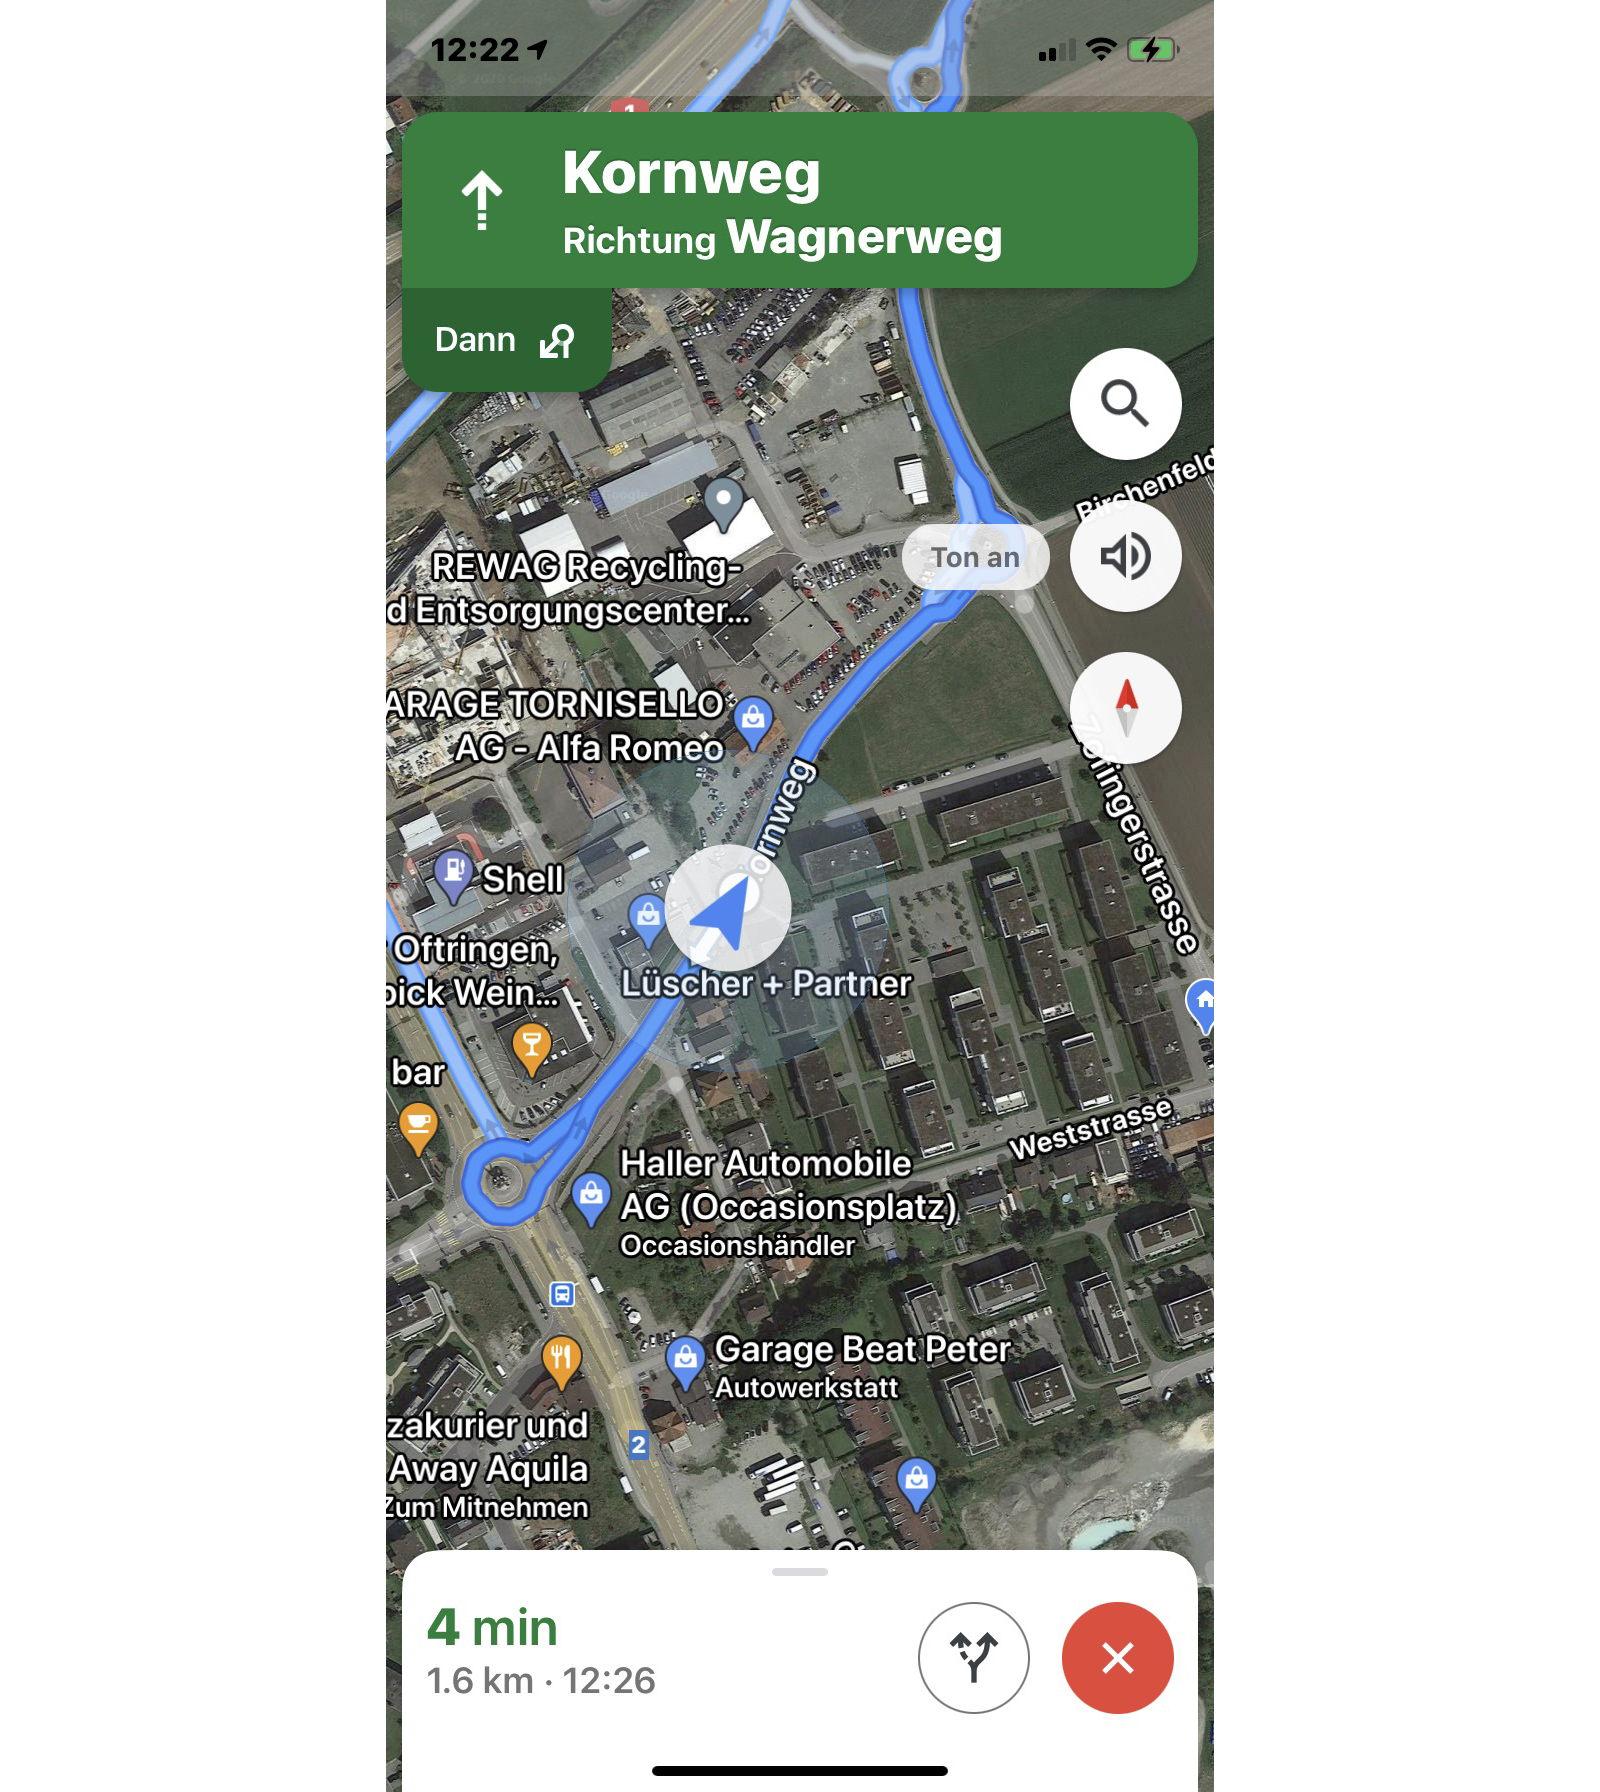 Ladestationen in Google Routenplaner integrieren